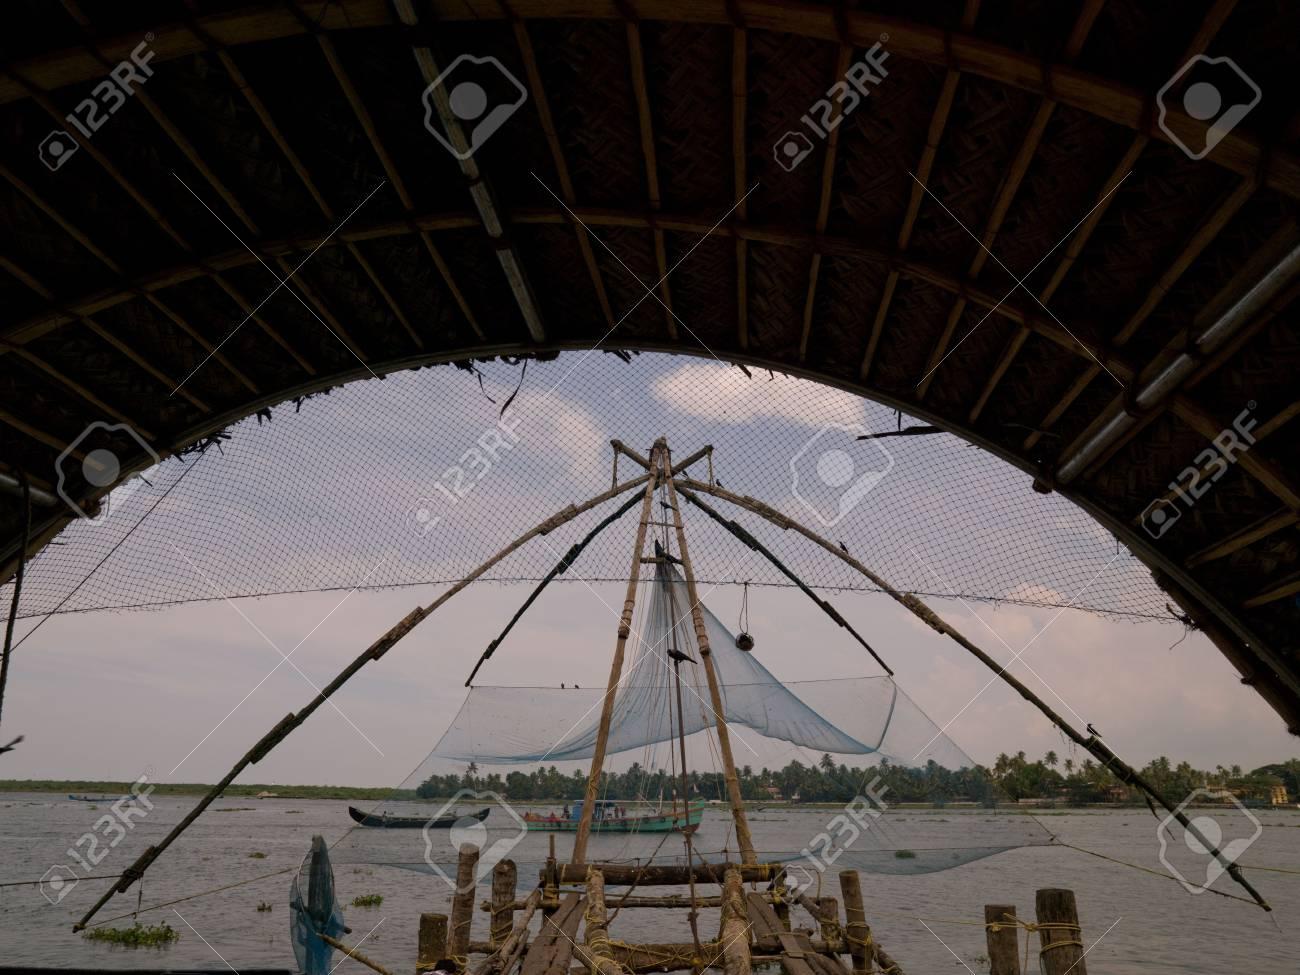 Chinese fishing nets, Cochin, India Stock Photo - 5296580